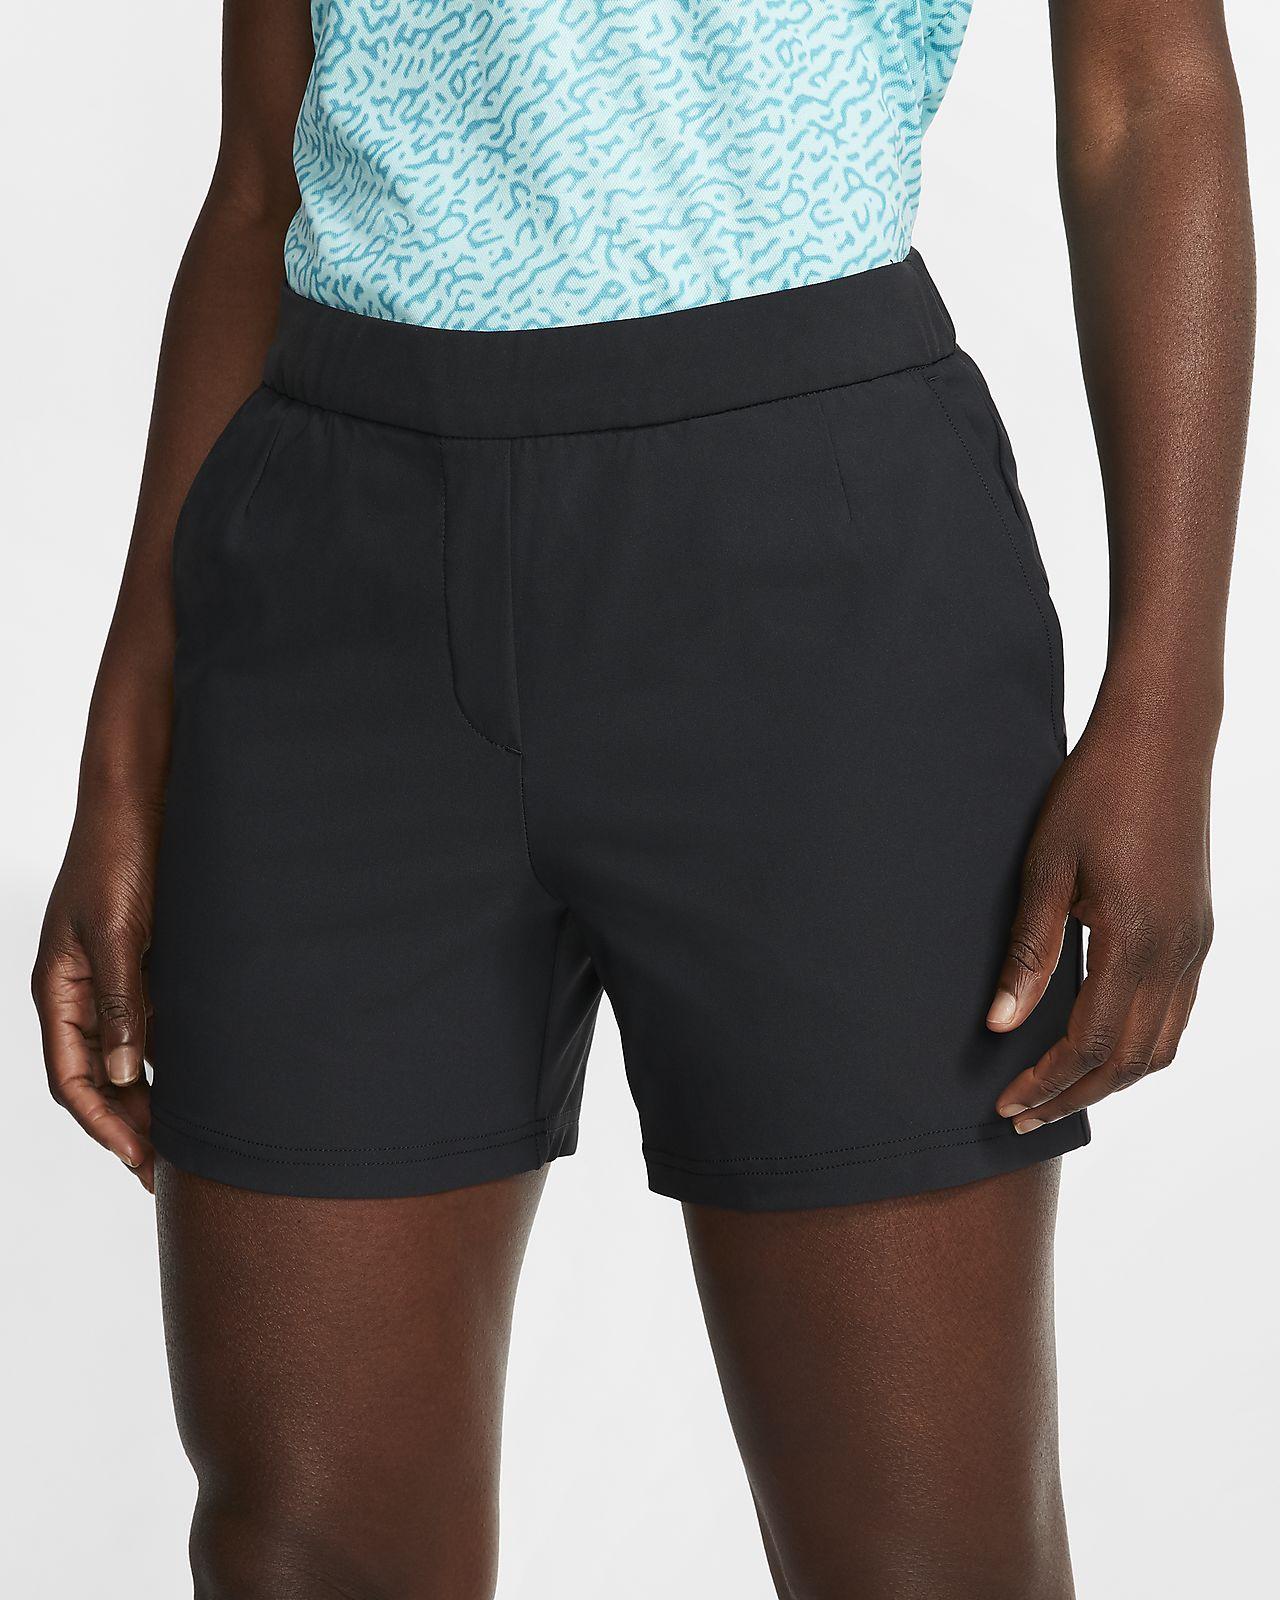 Nike Flex Victory-golfbukser (13 cm) til kvinder